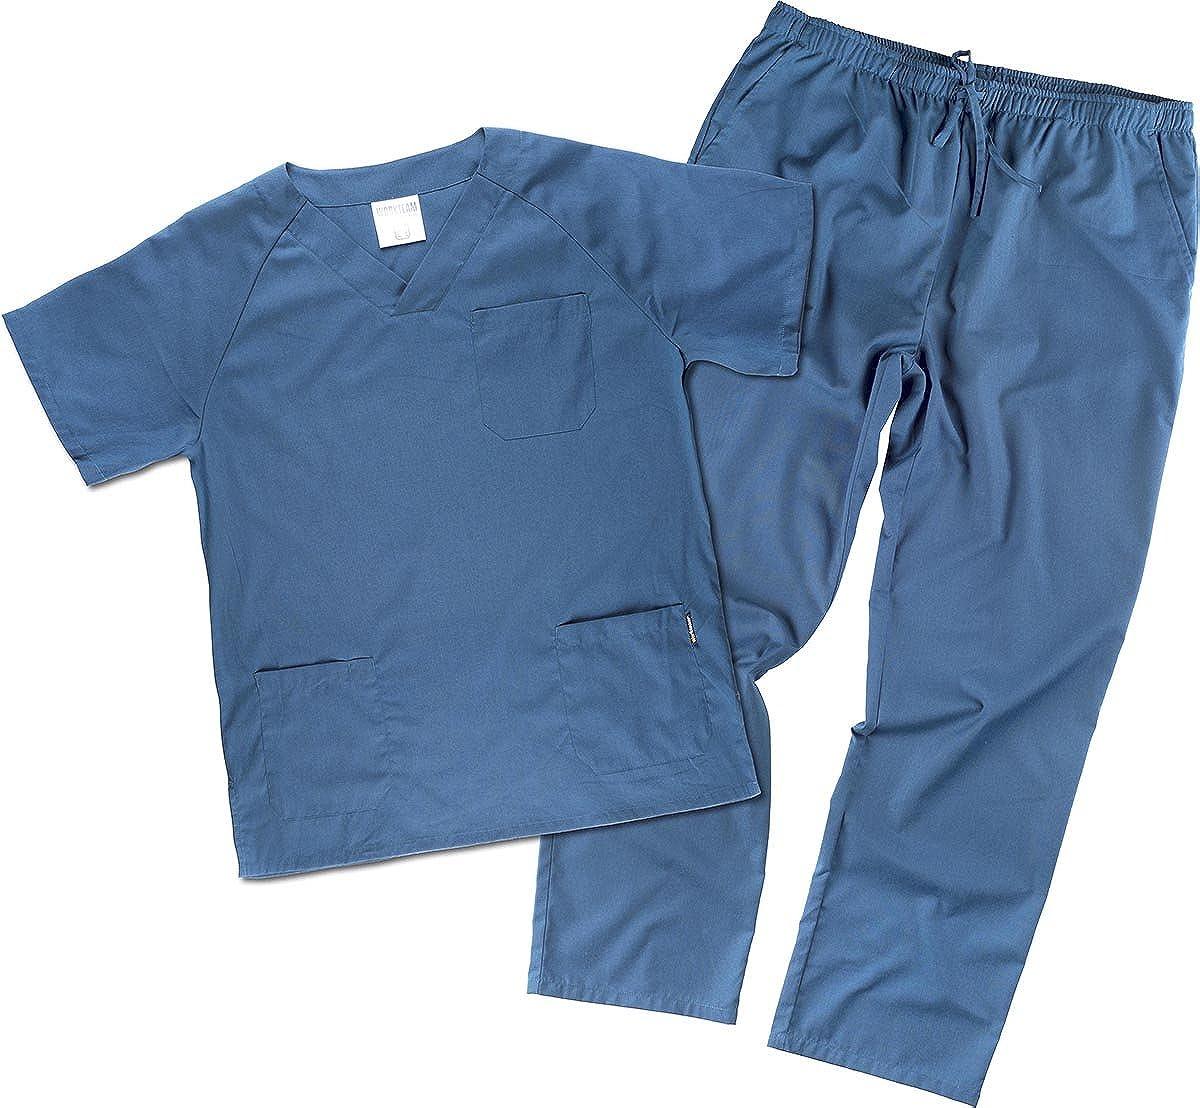 Work Team Uniforme Sanitario, con elástico y cordón en la Cintura, Casaca y Pantalon Unisex: Amazon.es: Ropa y accesorios